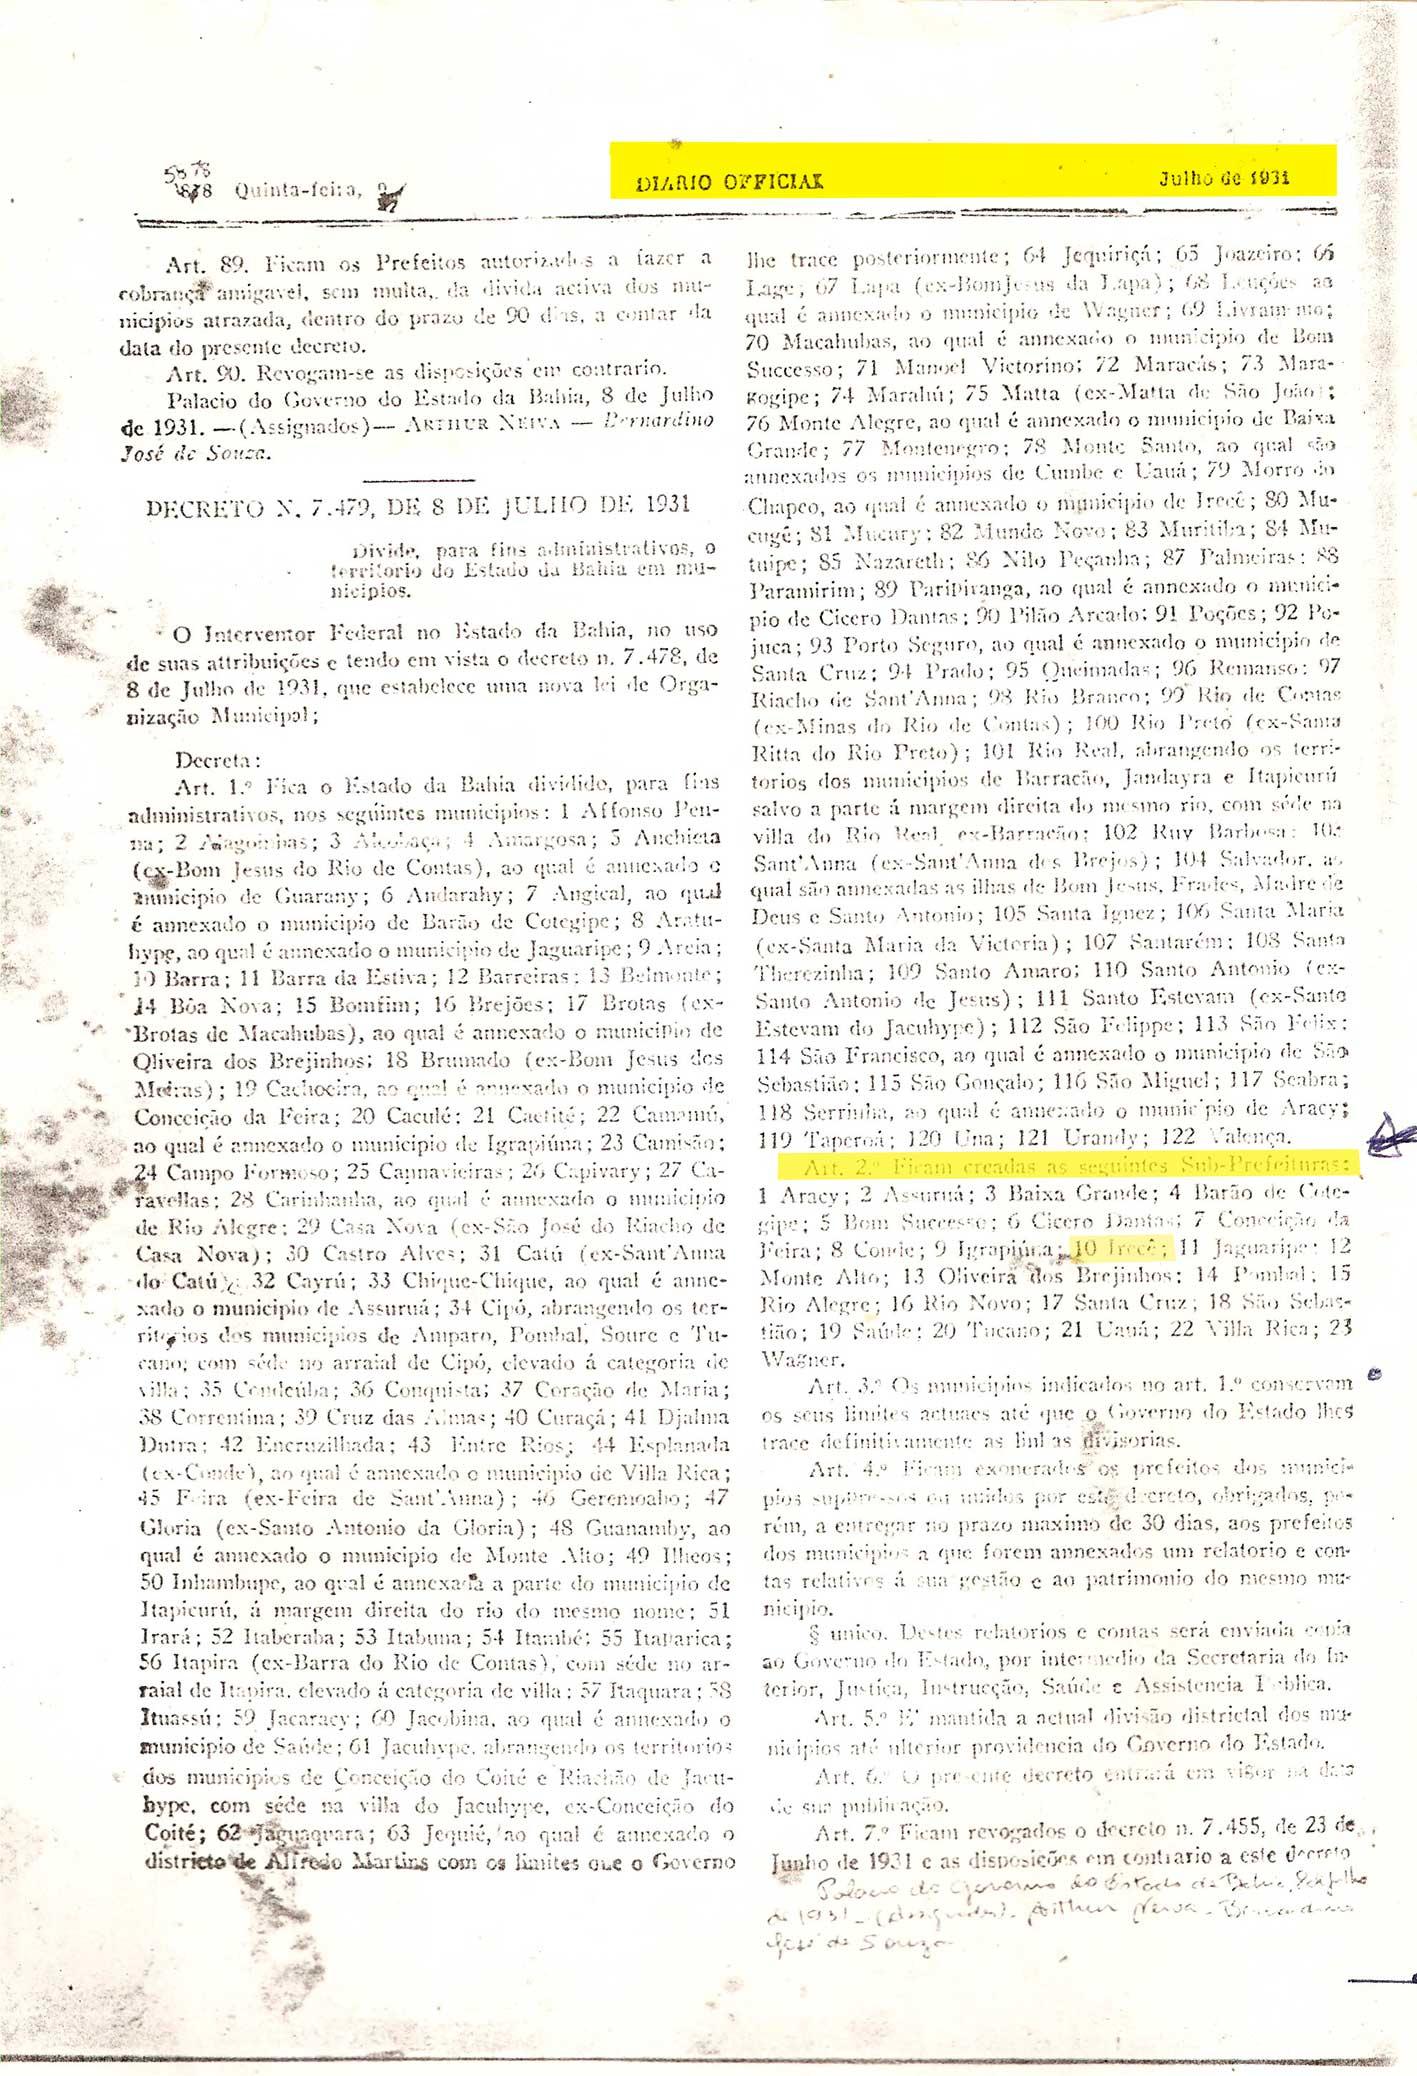 História de Irecê: Diario Oficial Decreto 7479